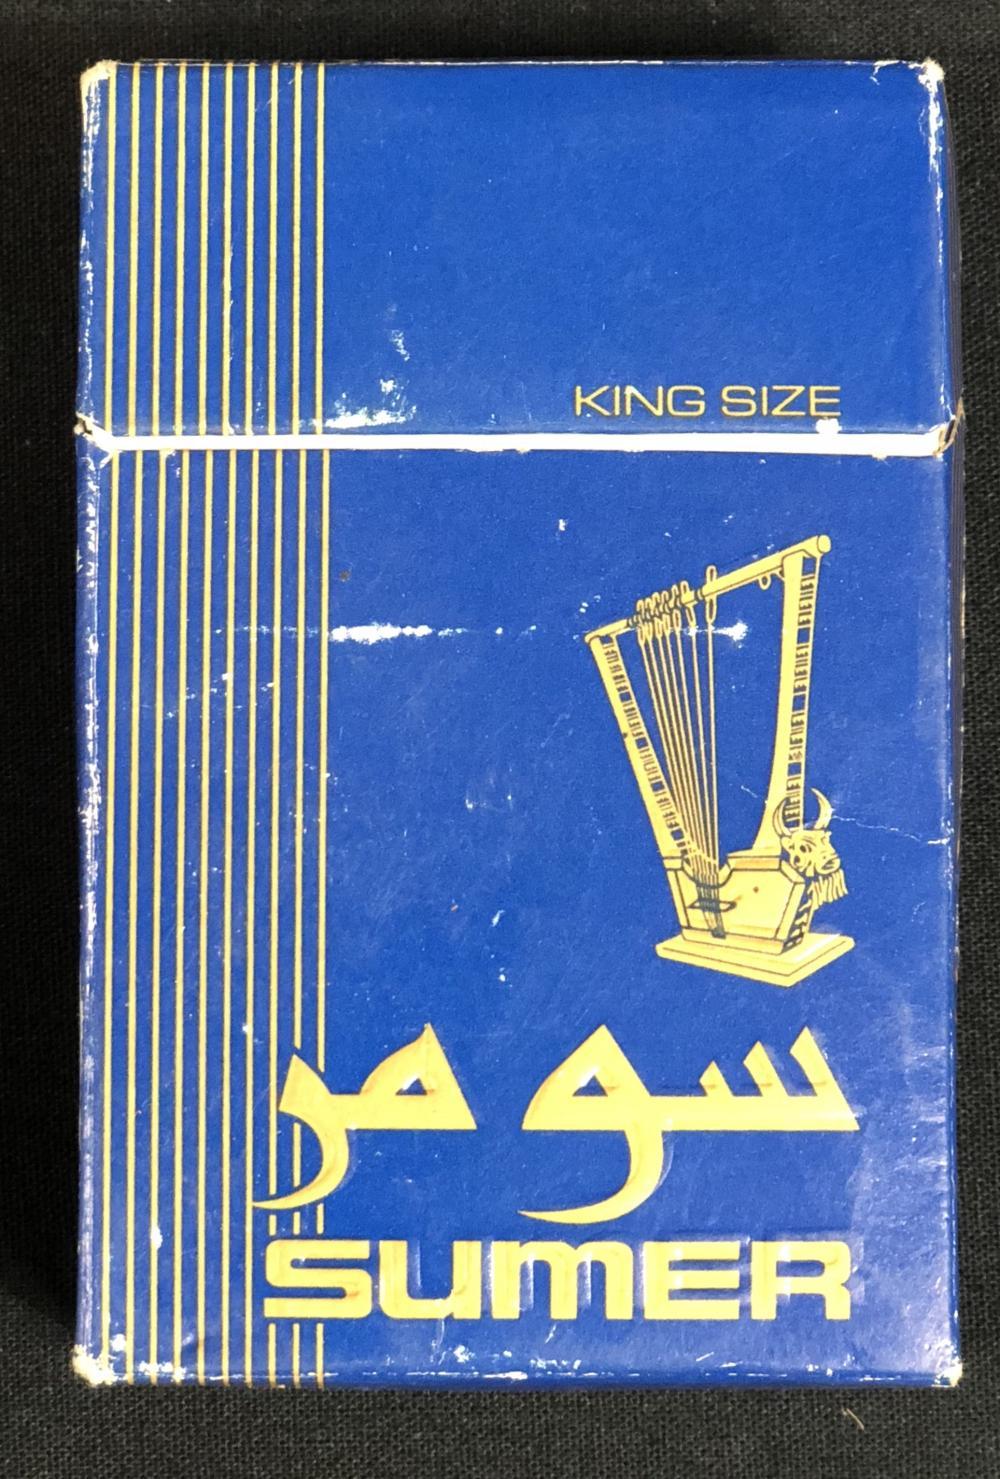 Hot Shots! Part Deux (1993) - Pack of Iraqi Cigarettes